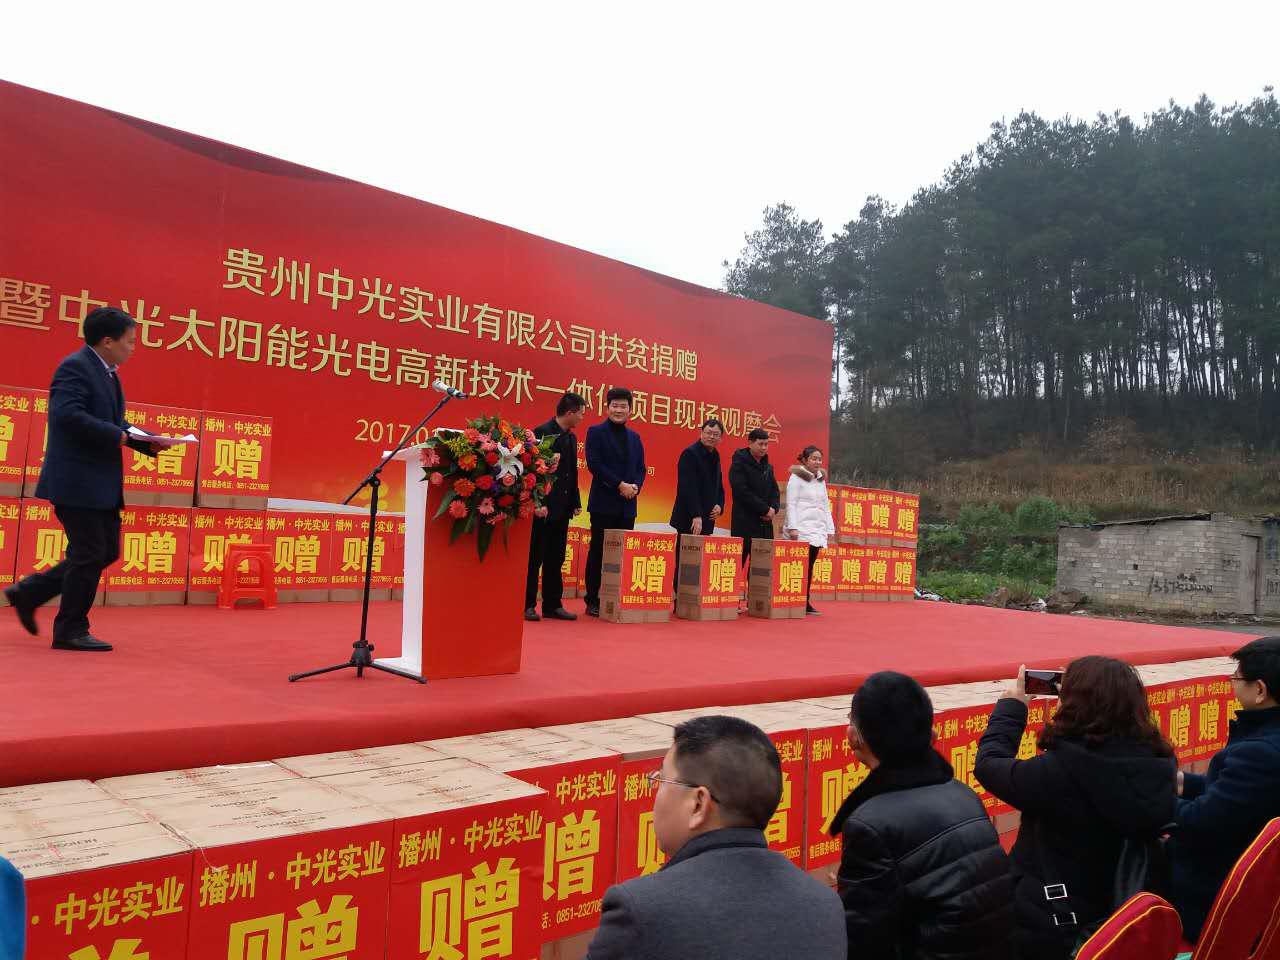 公司領導為播州區捐贈價值150萬元的凈水器.png